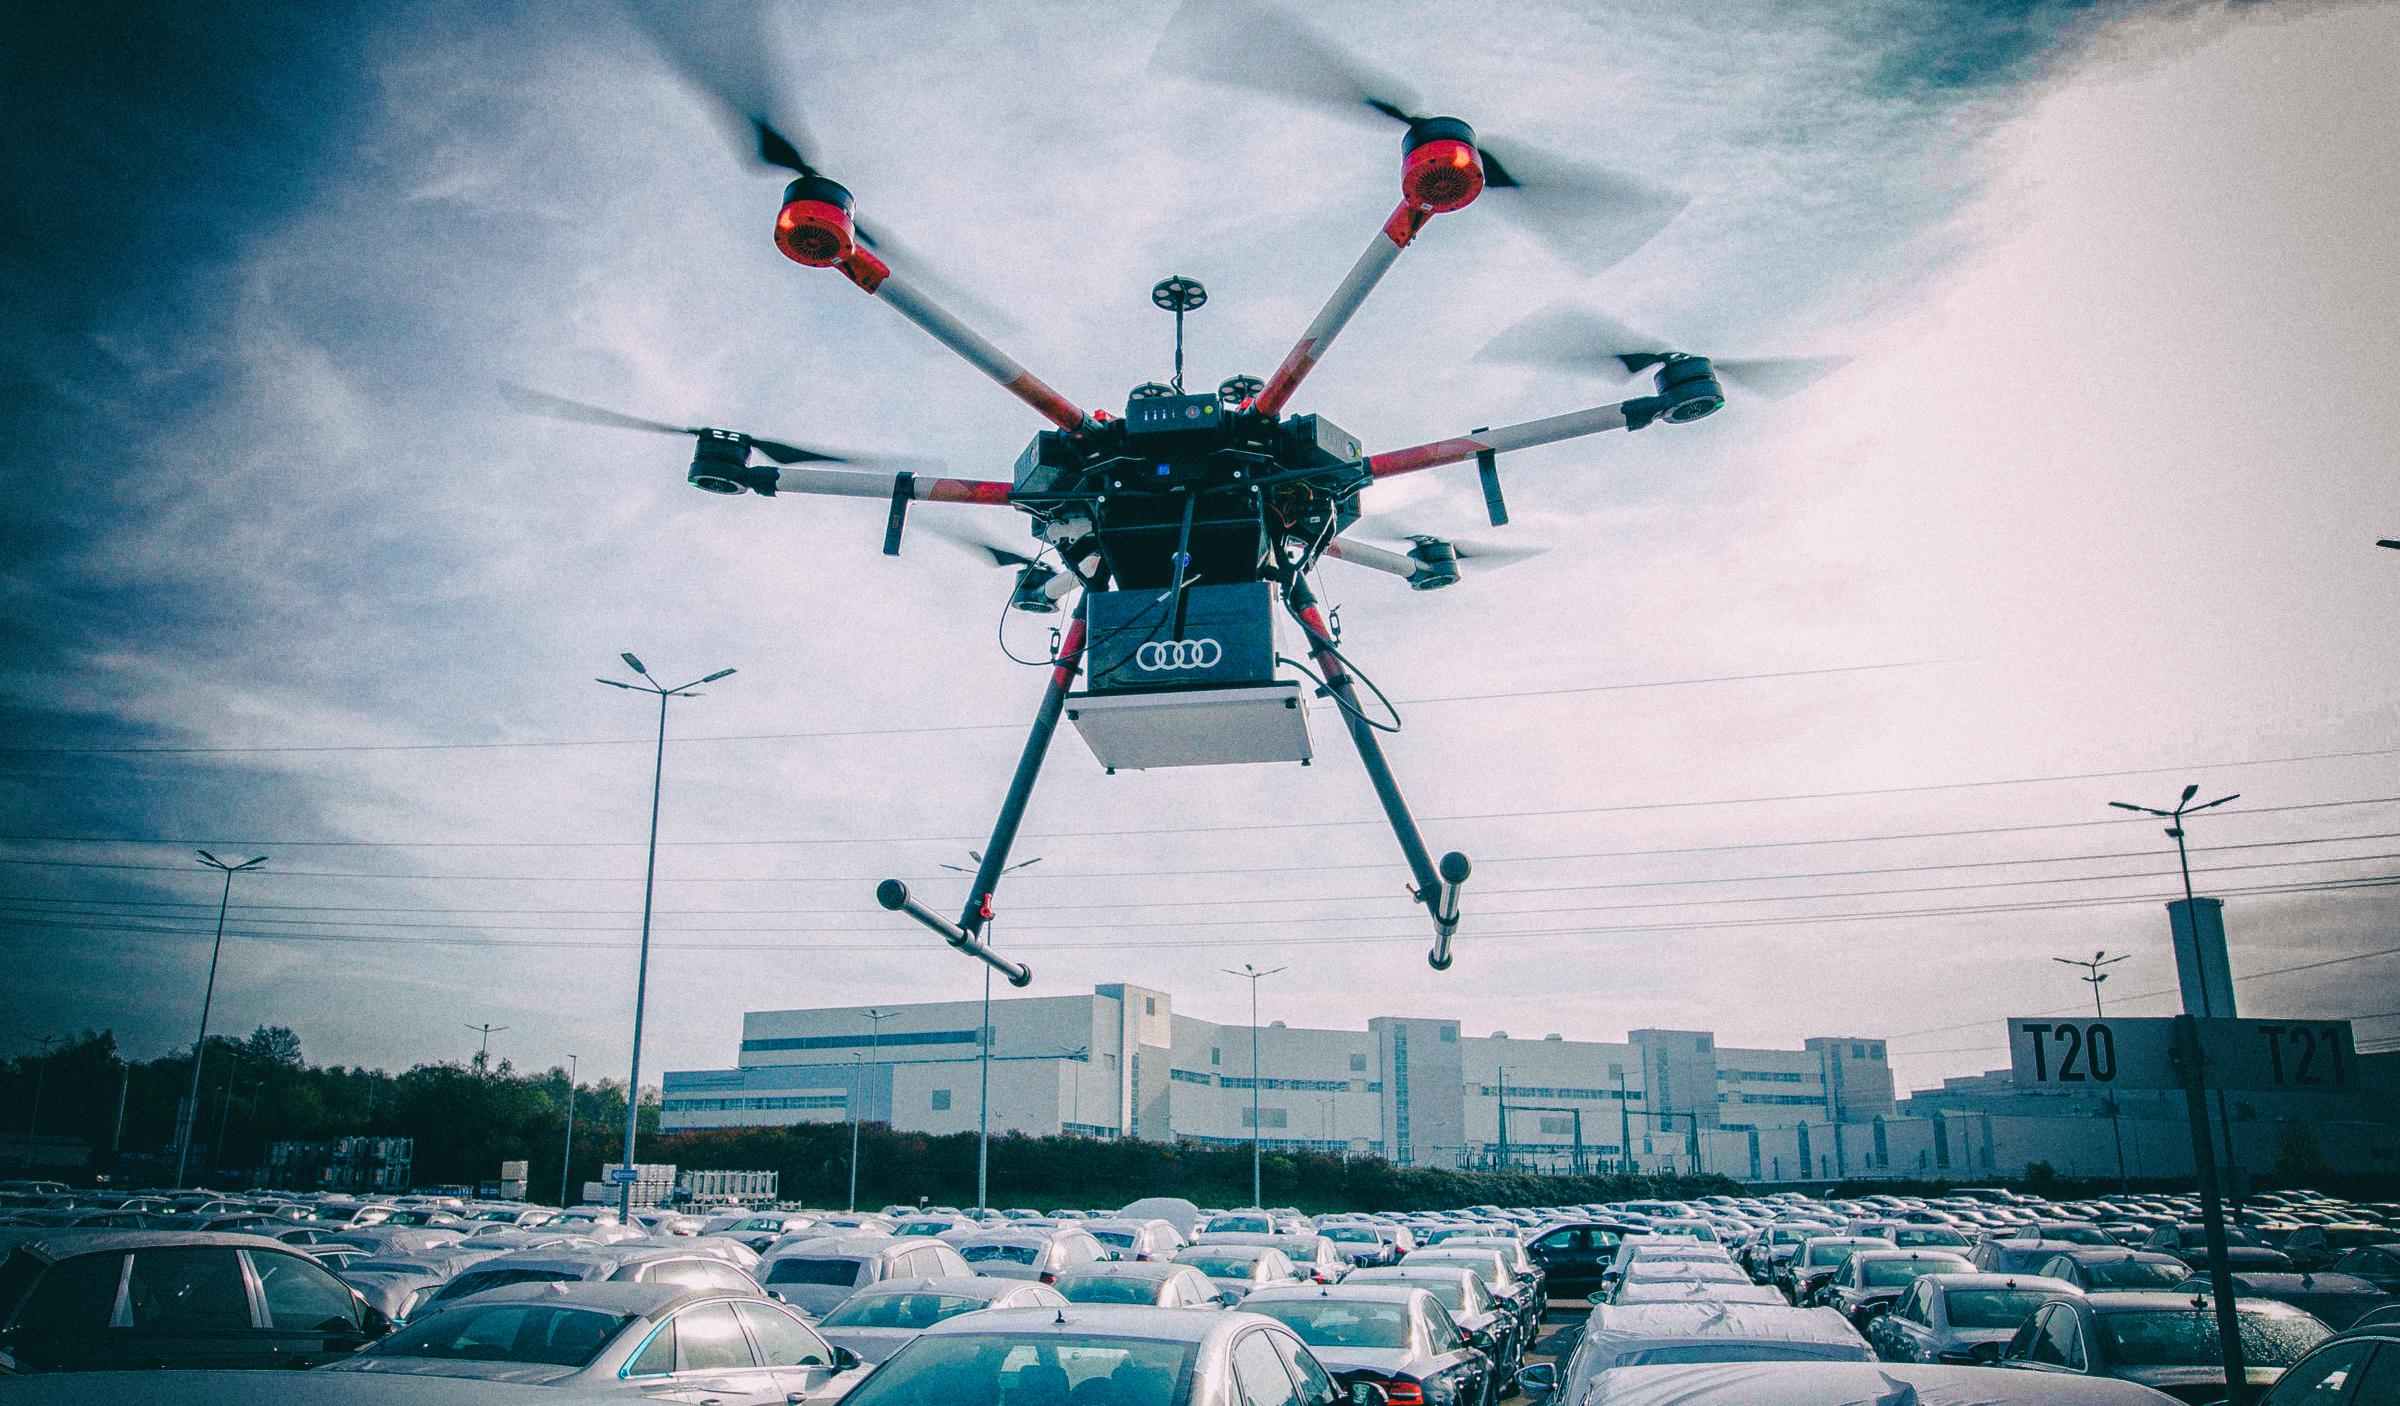 Audi использует дроны для картирования своих автостоянок